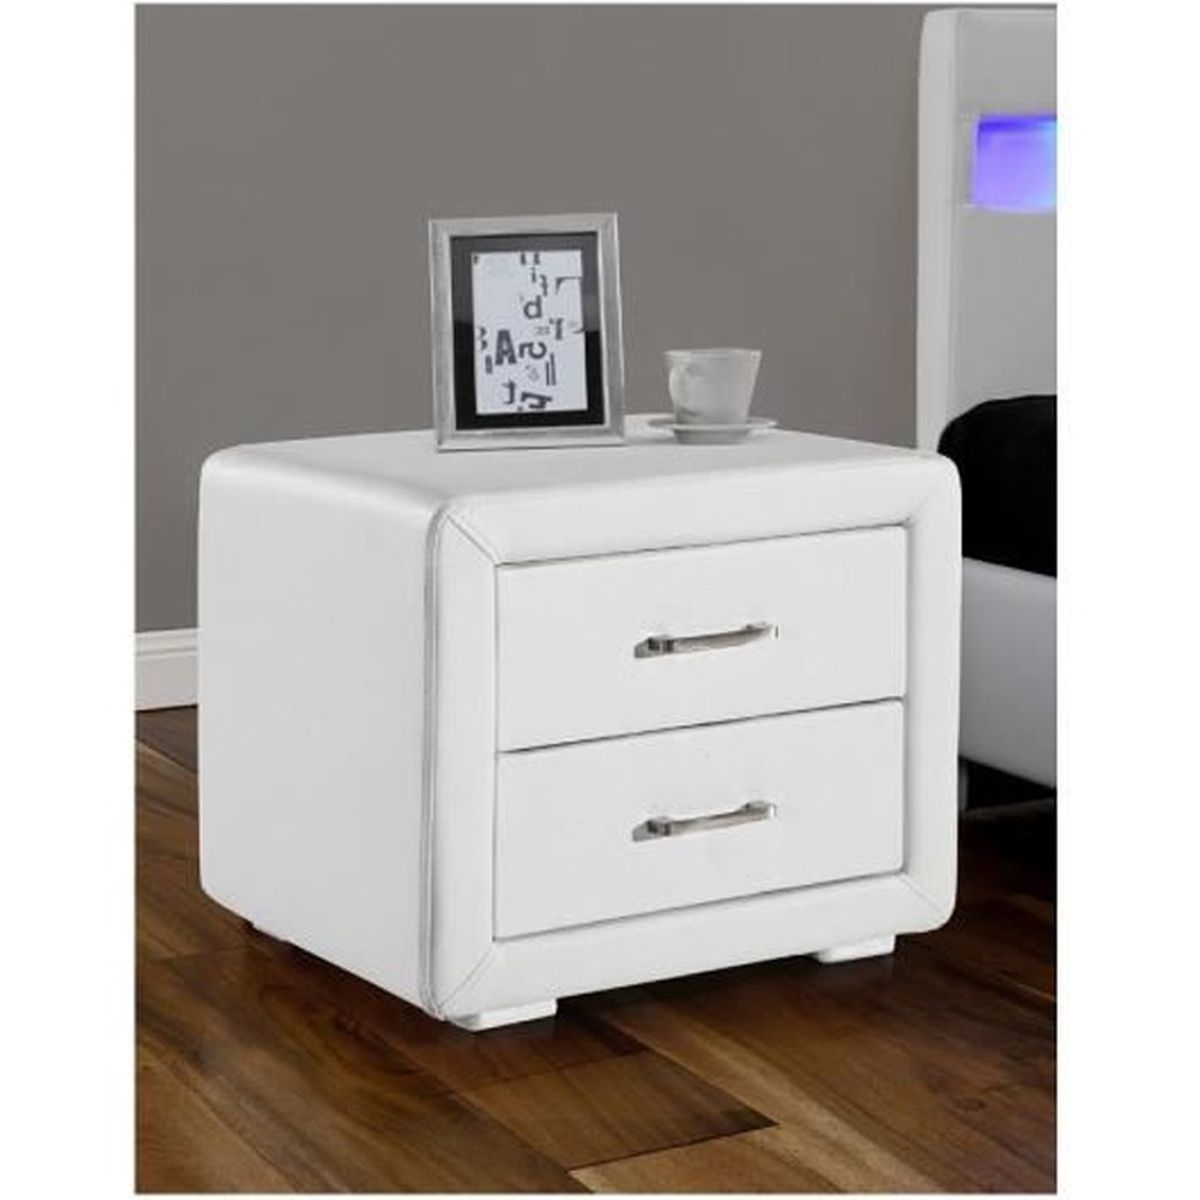 chevet blanc simili achat vente pas cher. Black Bedroom Furniture Sets. Home Design Ideas